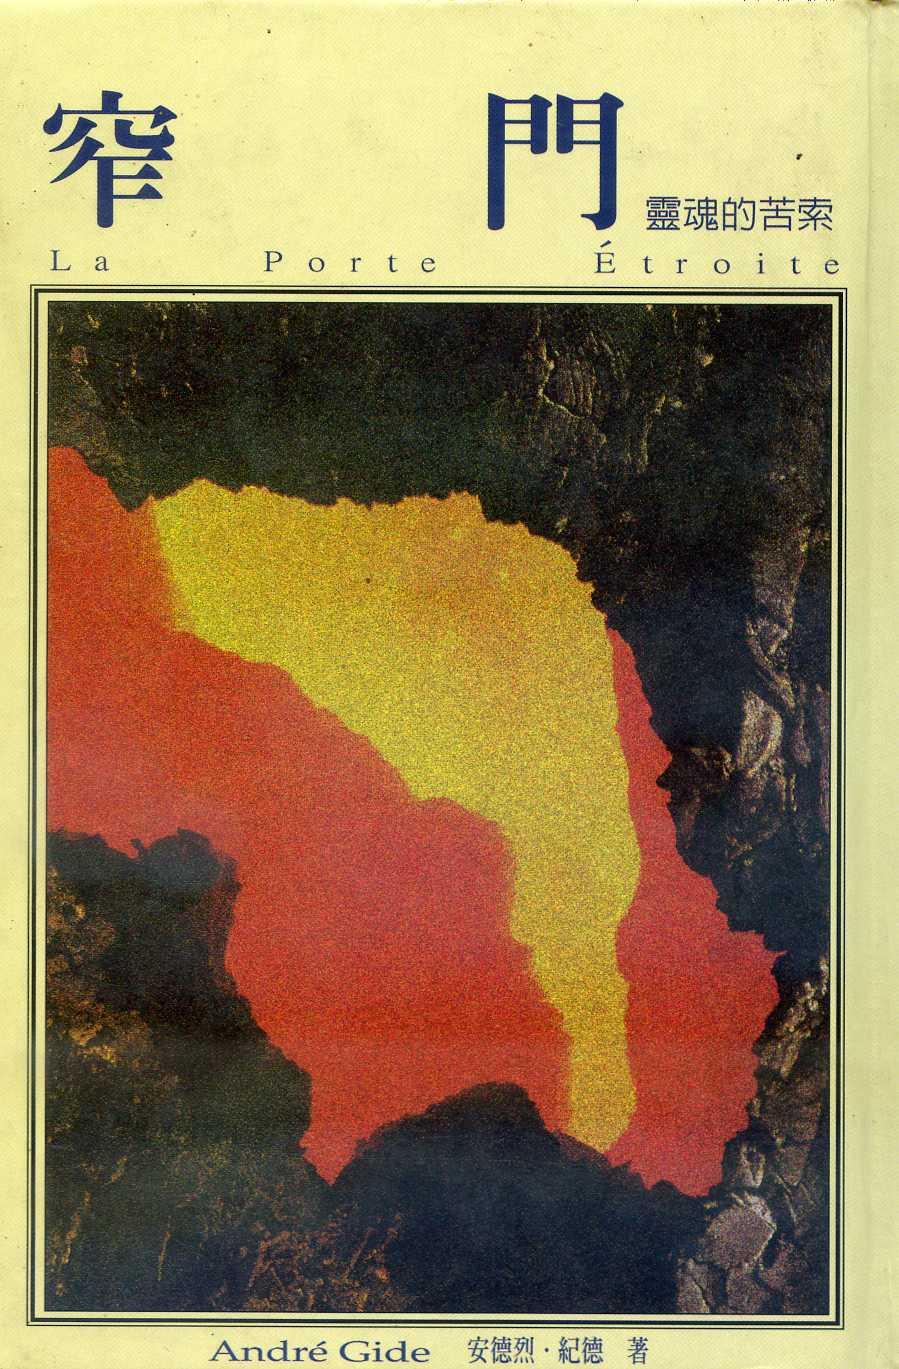 窄門 : 靈魂的苦索/ 安德烈.紀德(André Gide)著 ; 楊澤譯